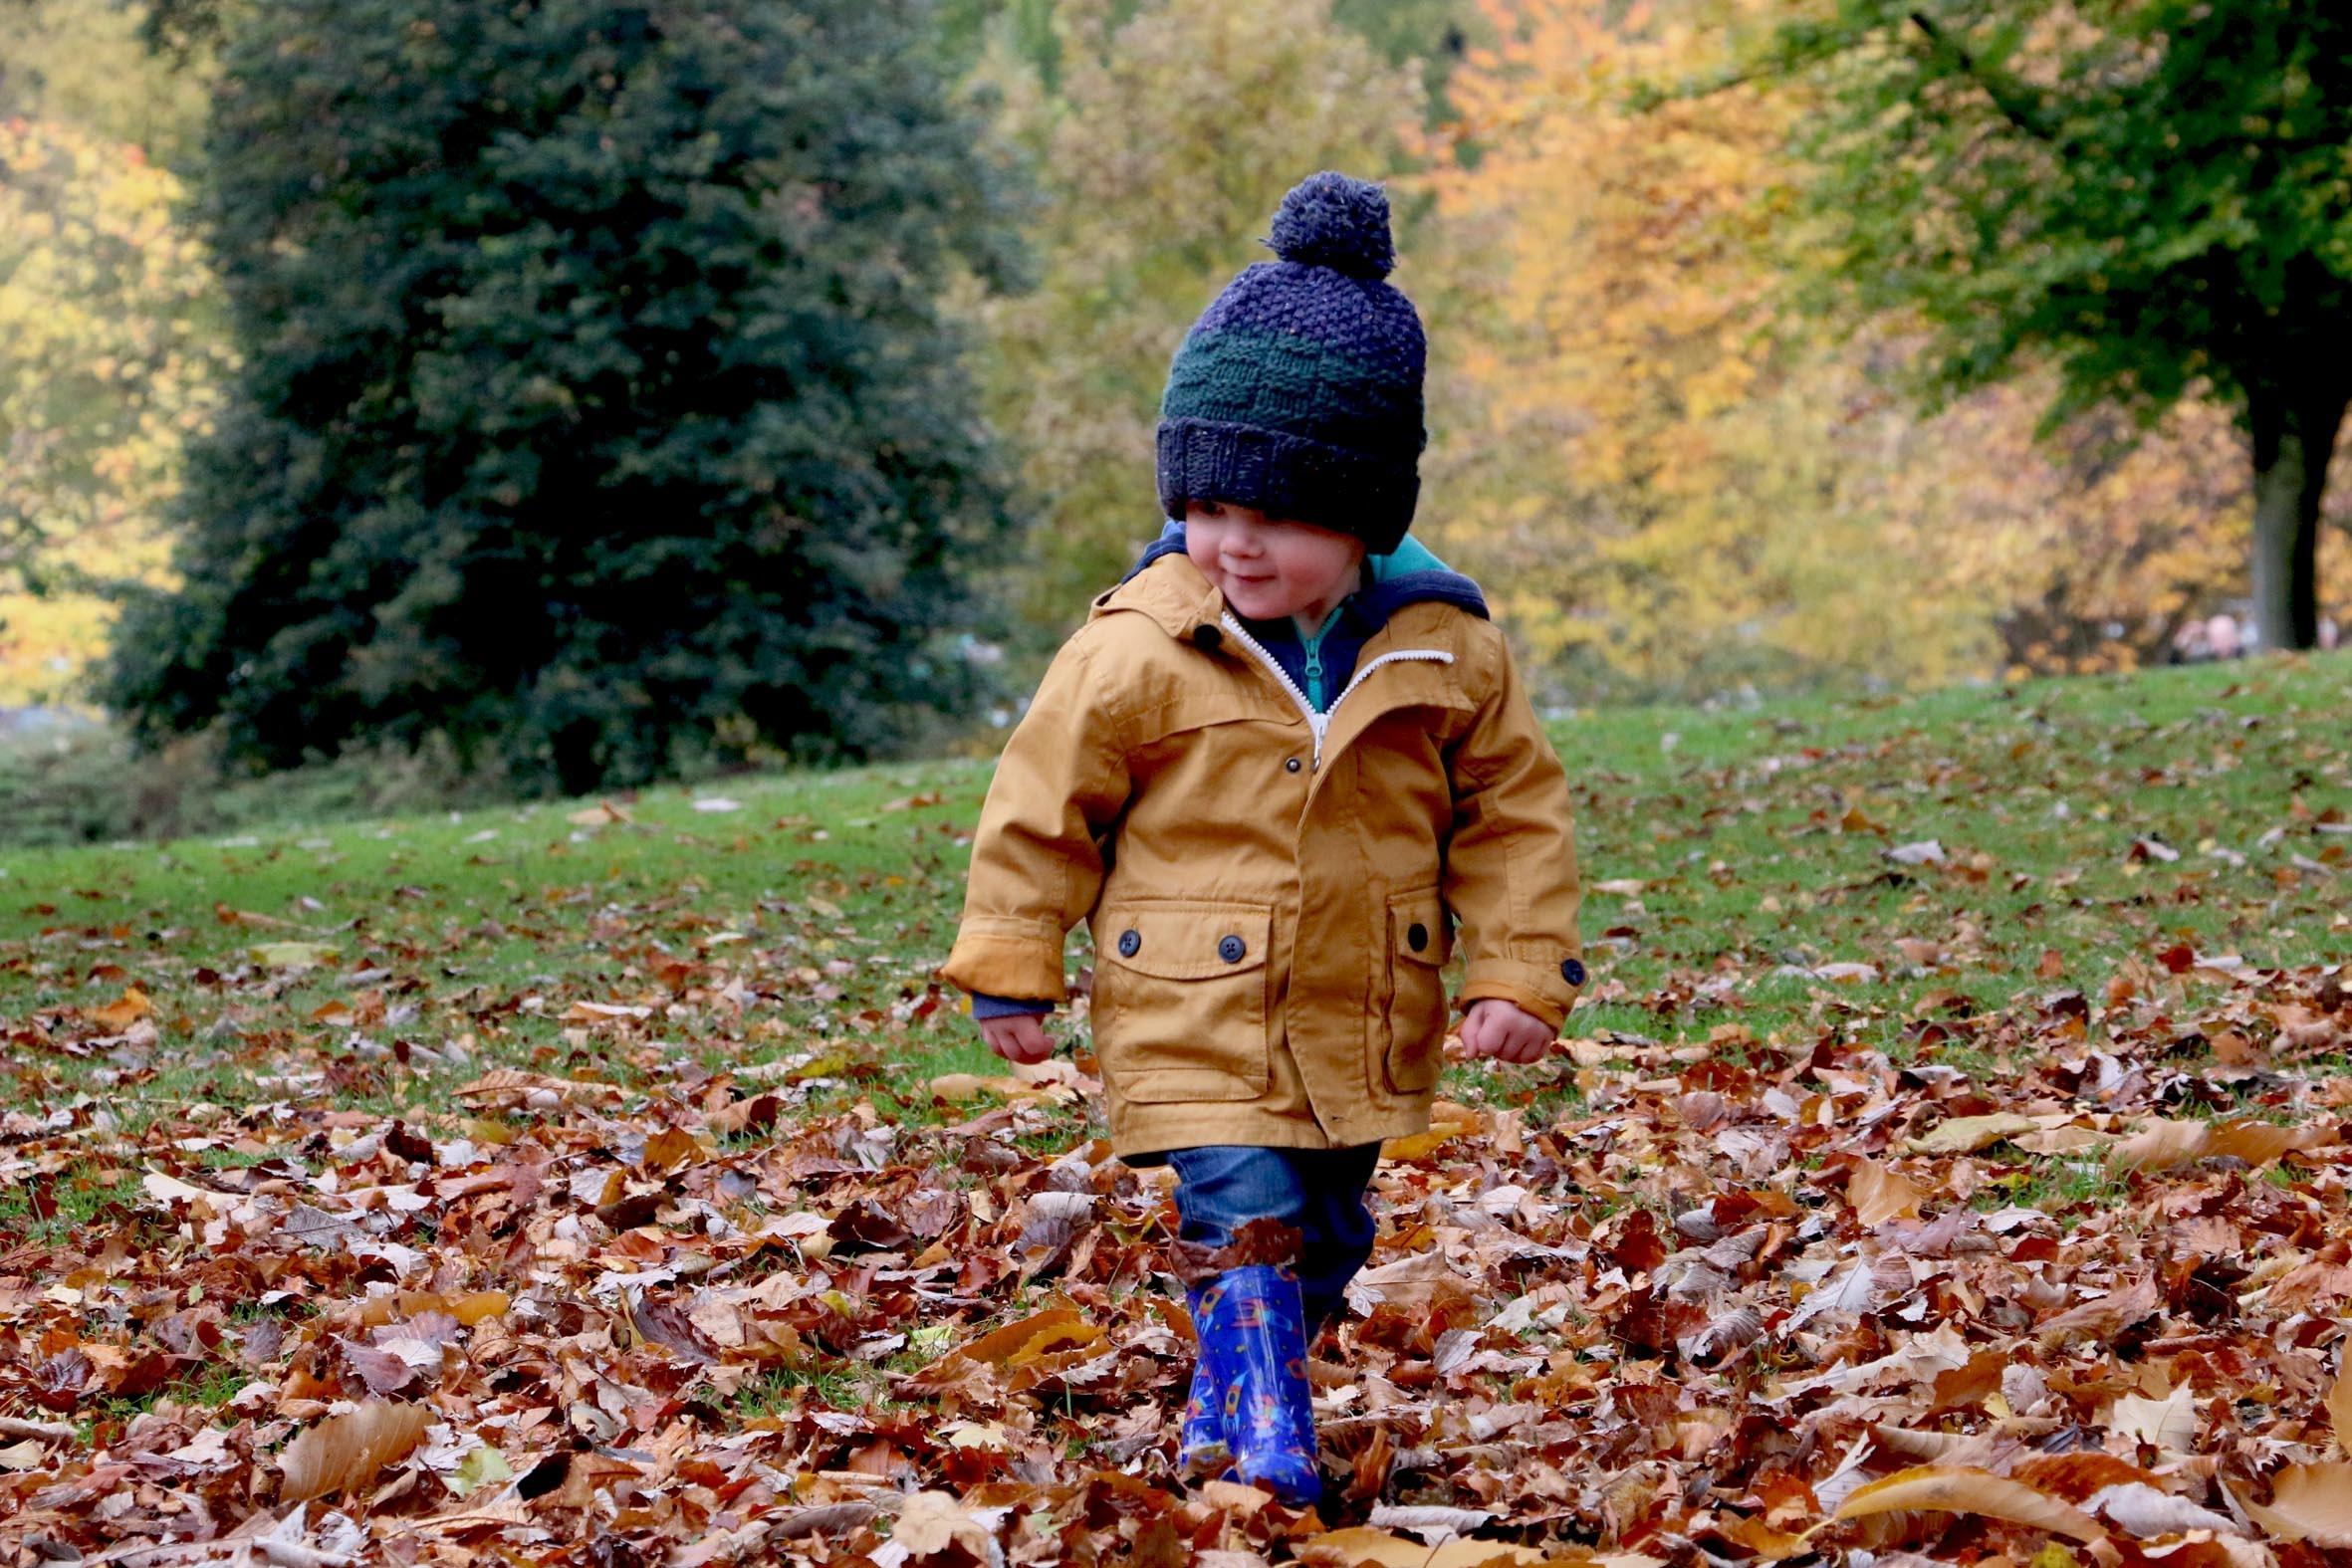 nino con gorro andando en las hojas de otono